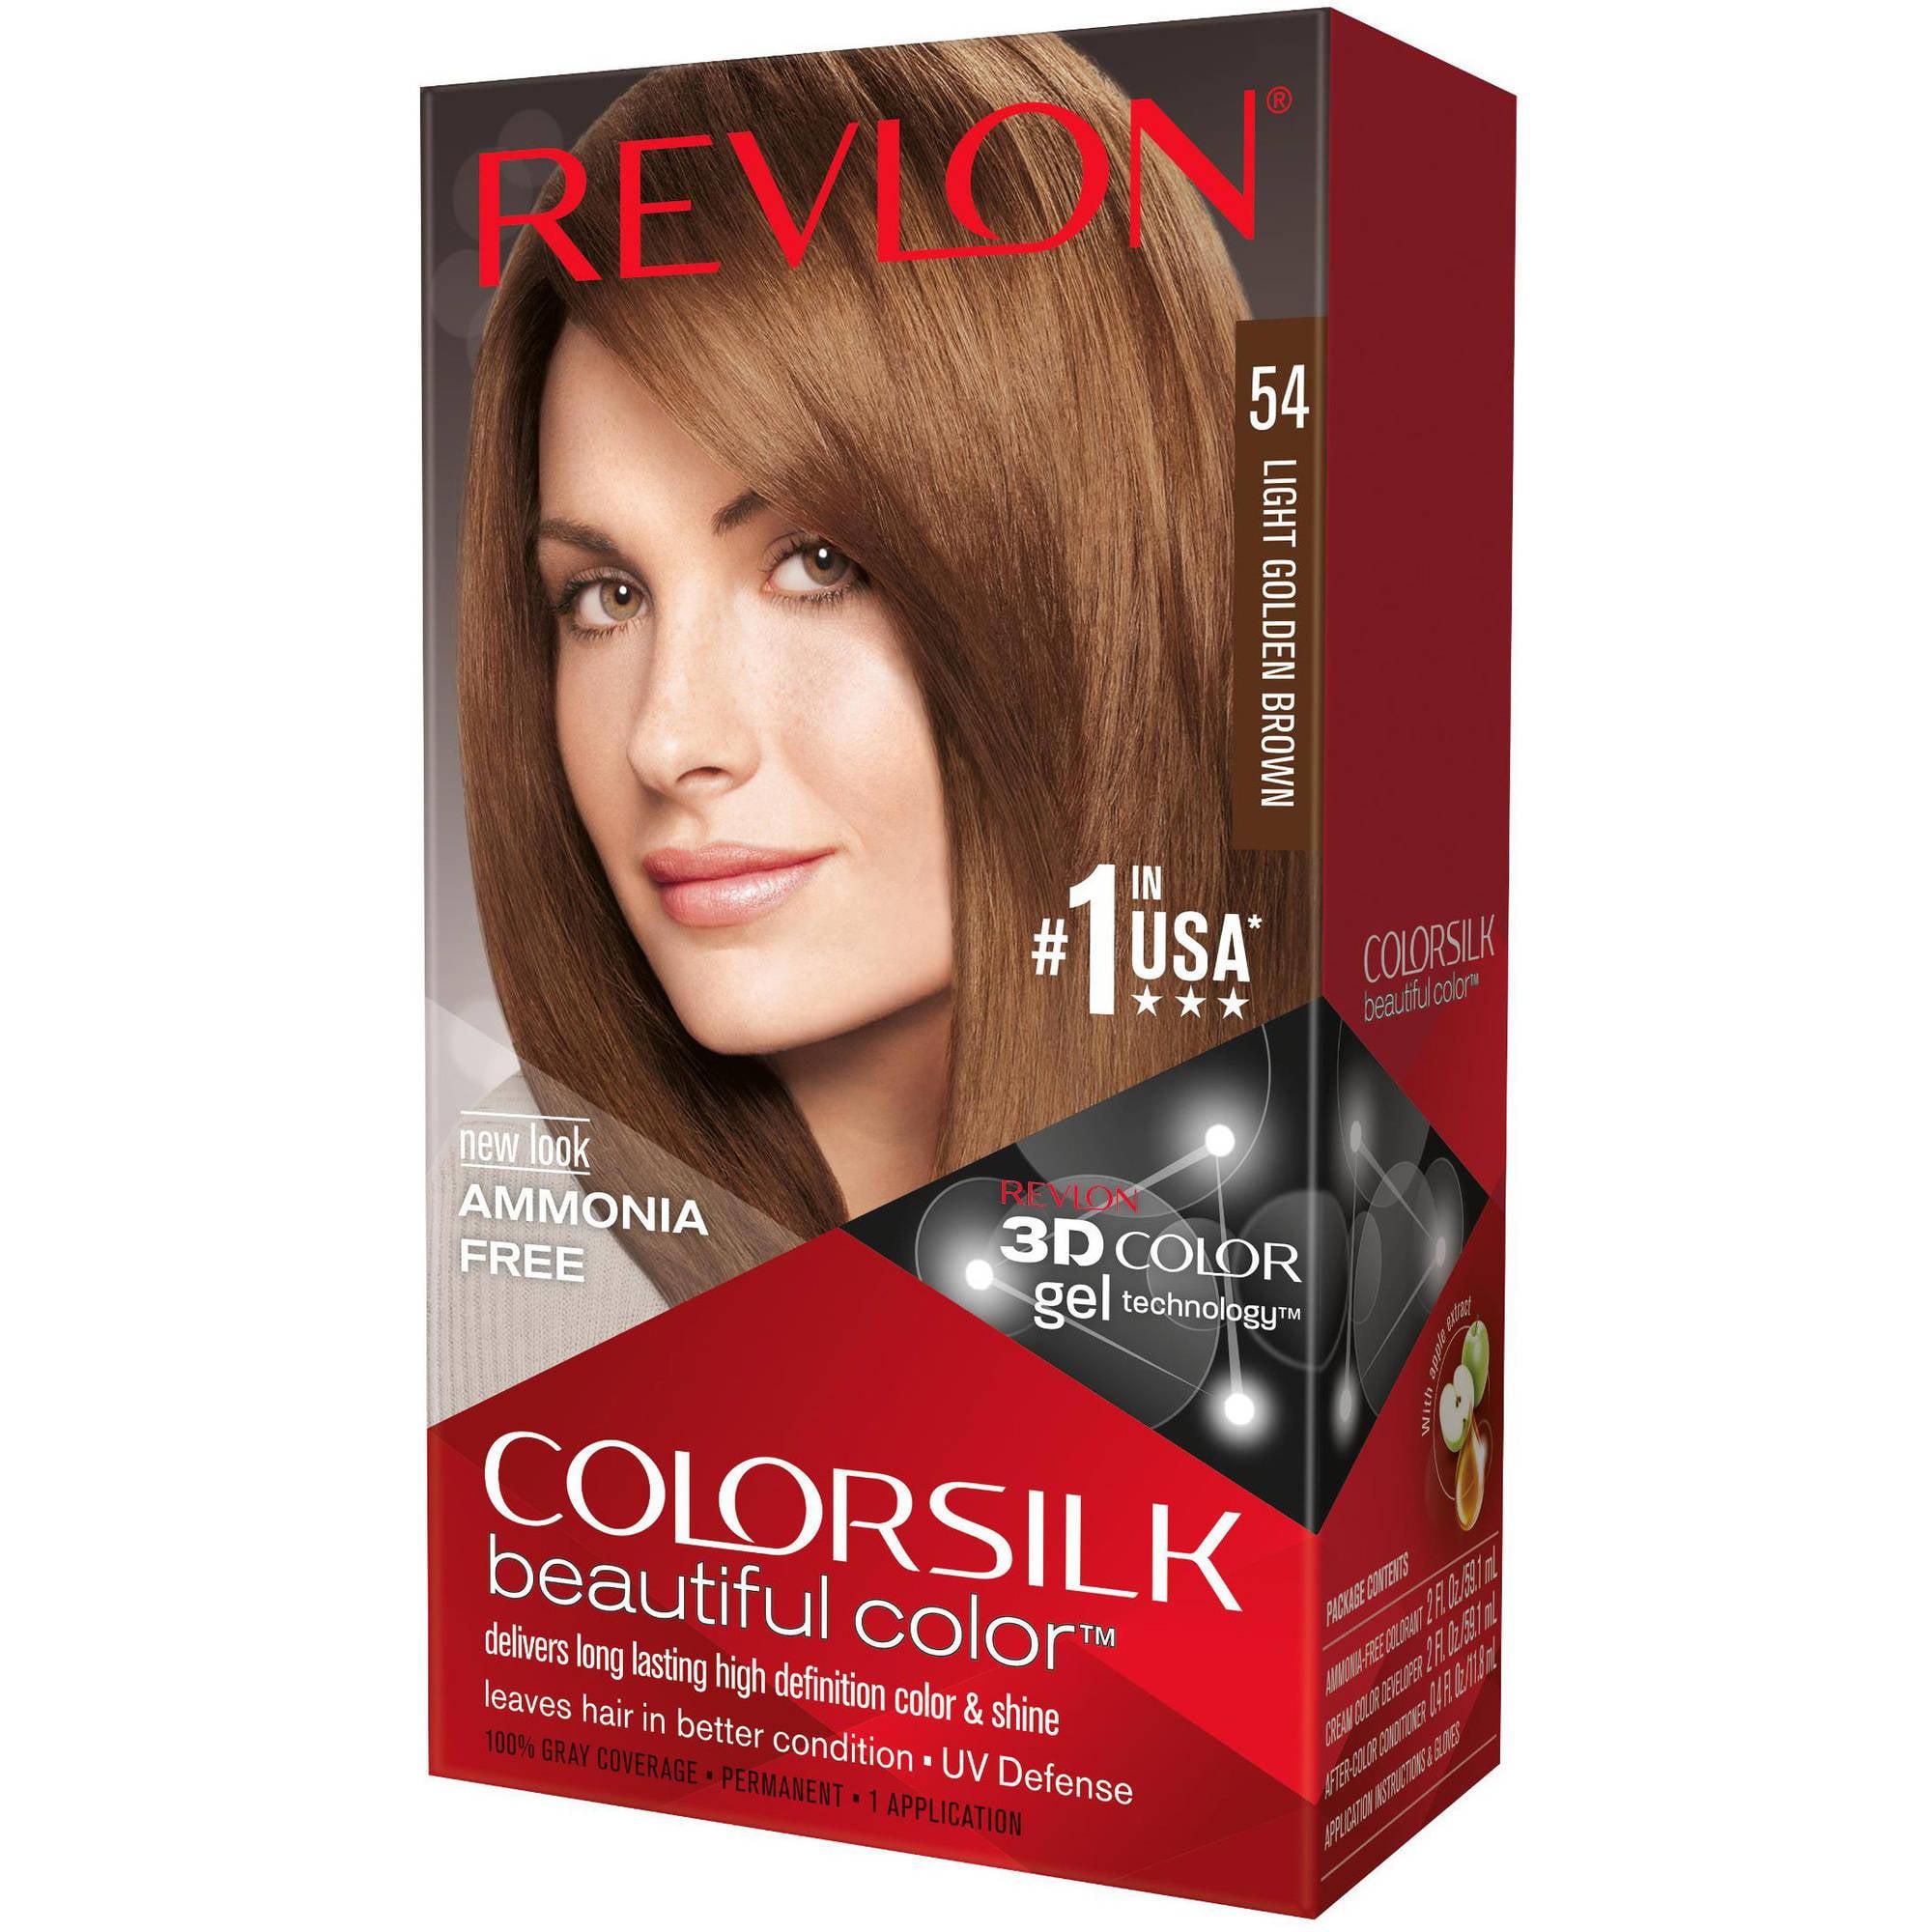 revlon colorsilk beautiful color permanent hair color 54